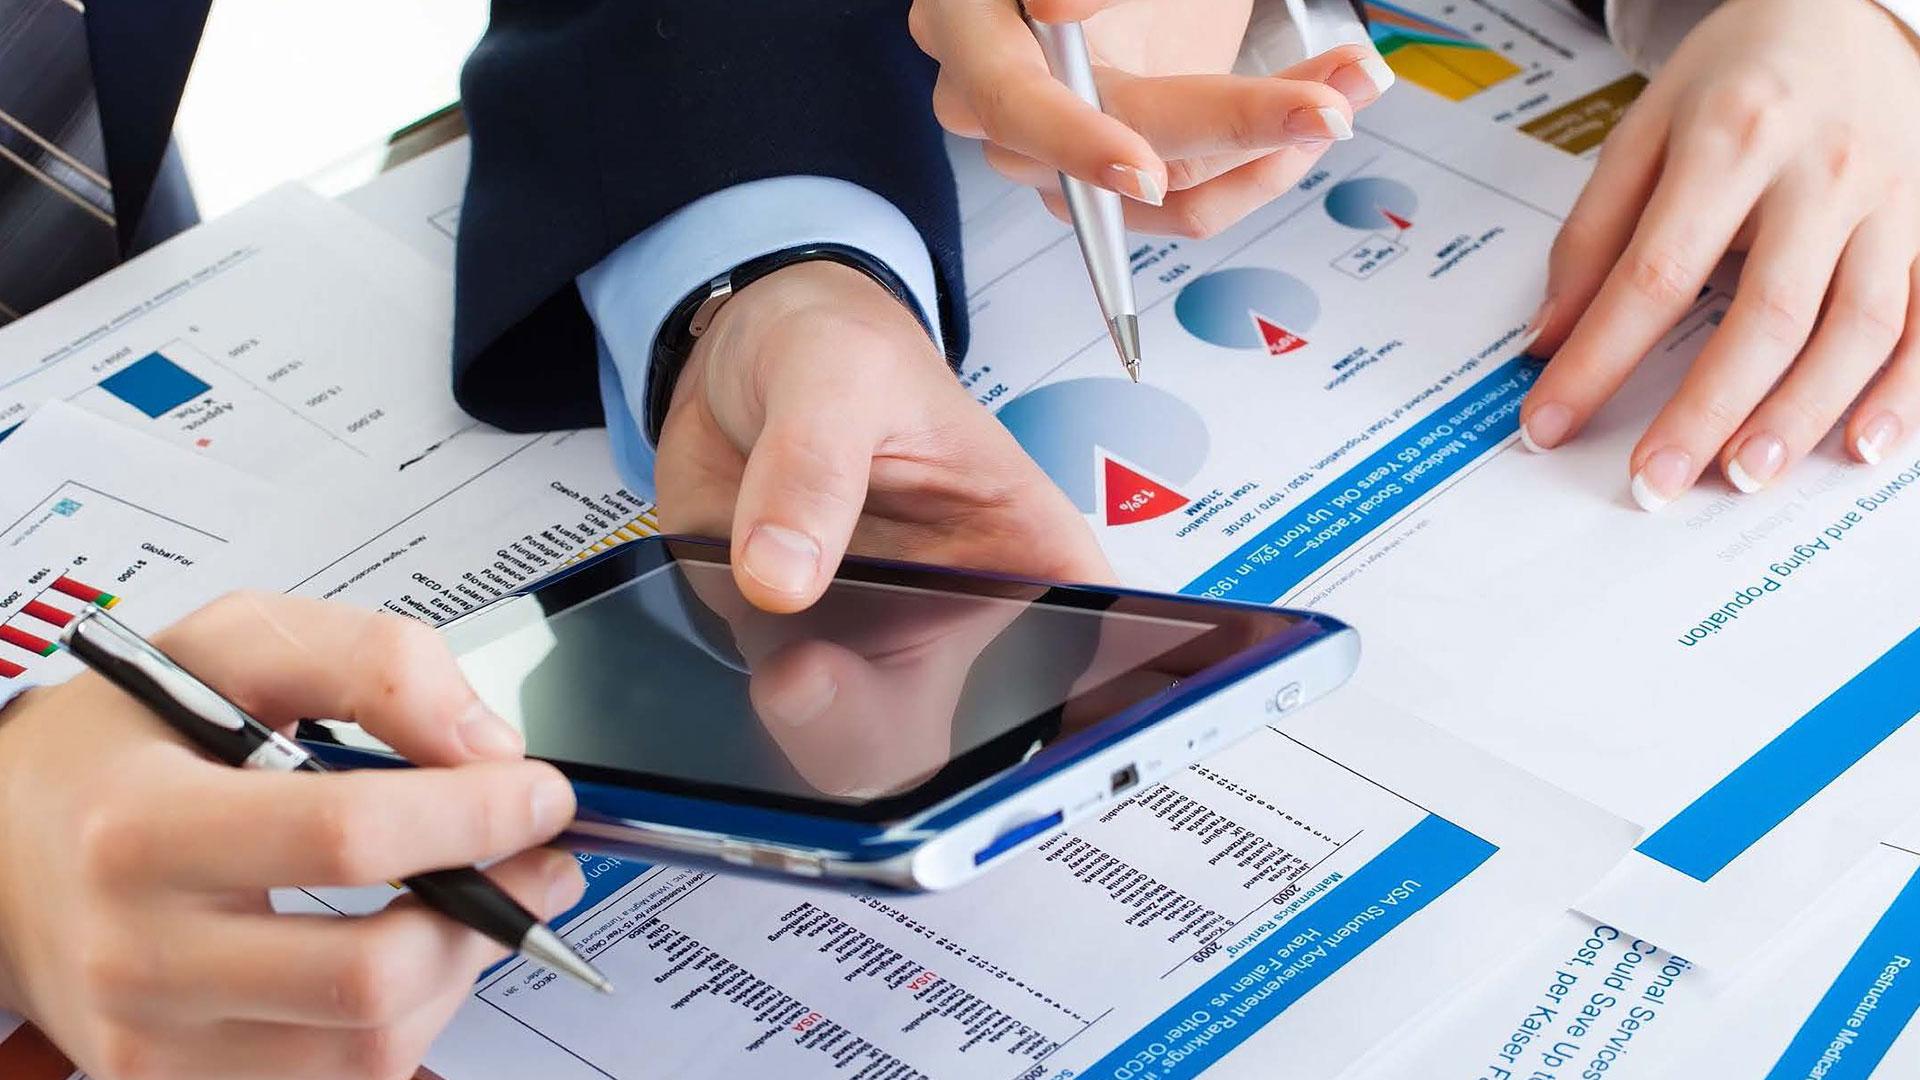 Tradução-Financeira-confira-5-documentos-em-que-ela-pode-ser-utilizada